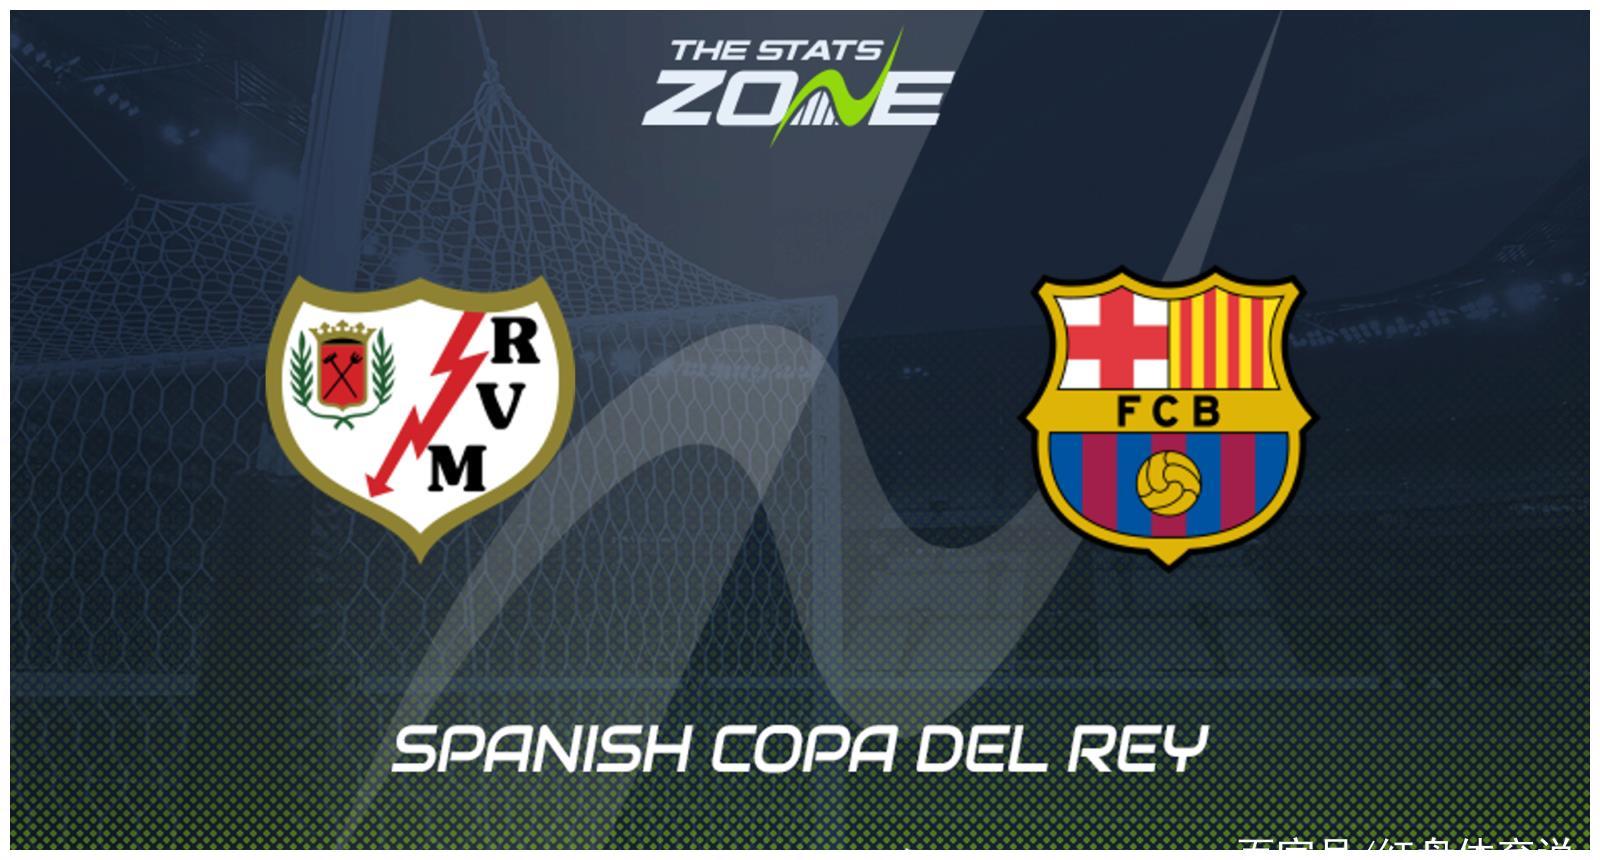 「西杯」赛事前瞻:巴列卡诺VS巴塞罗那,巴塞罗那胜券在握